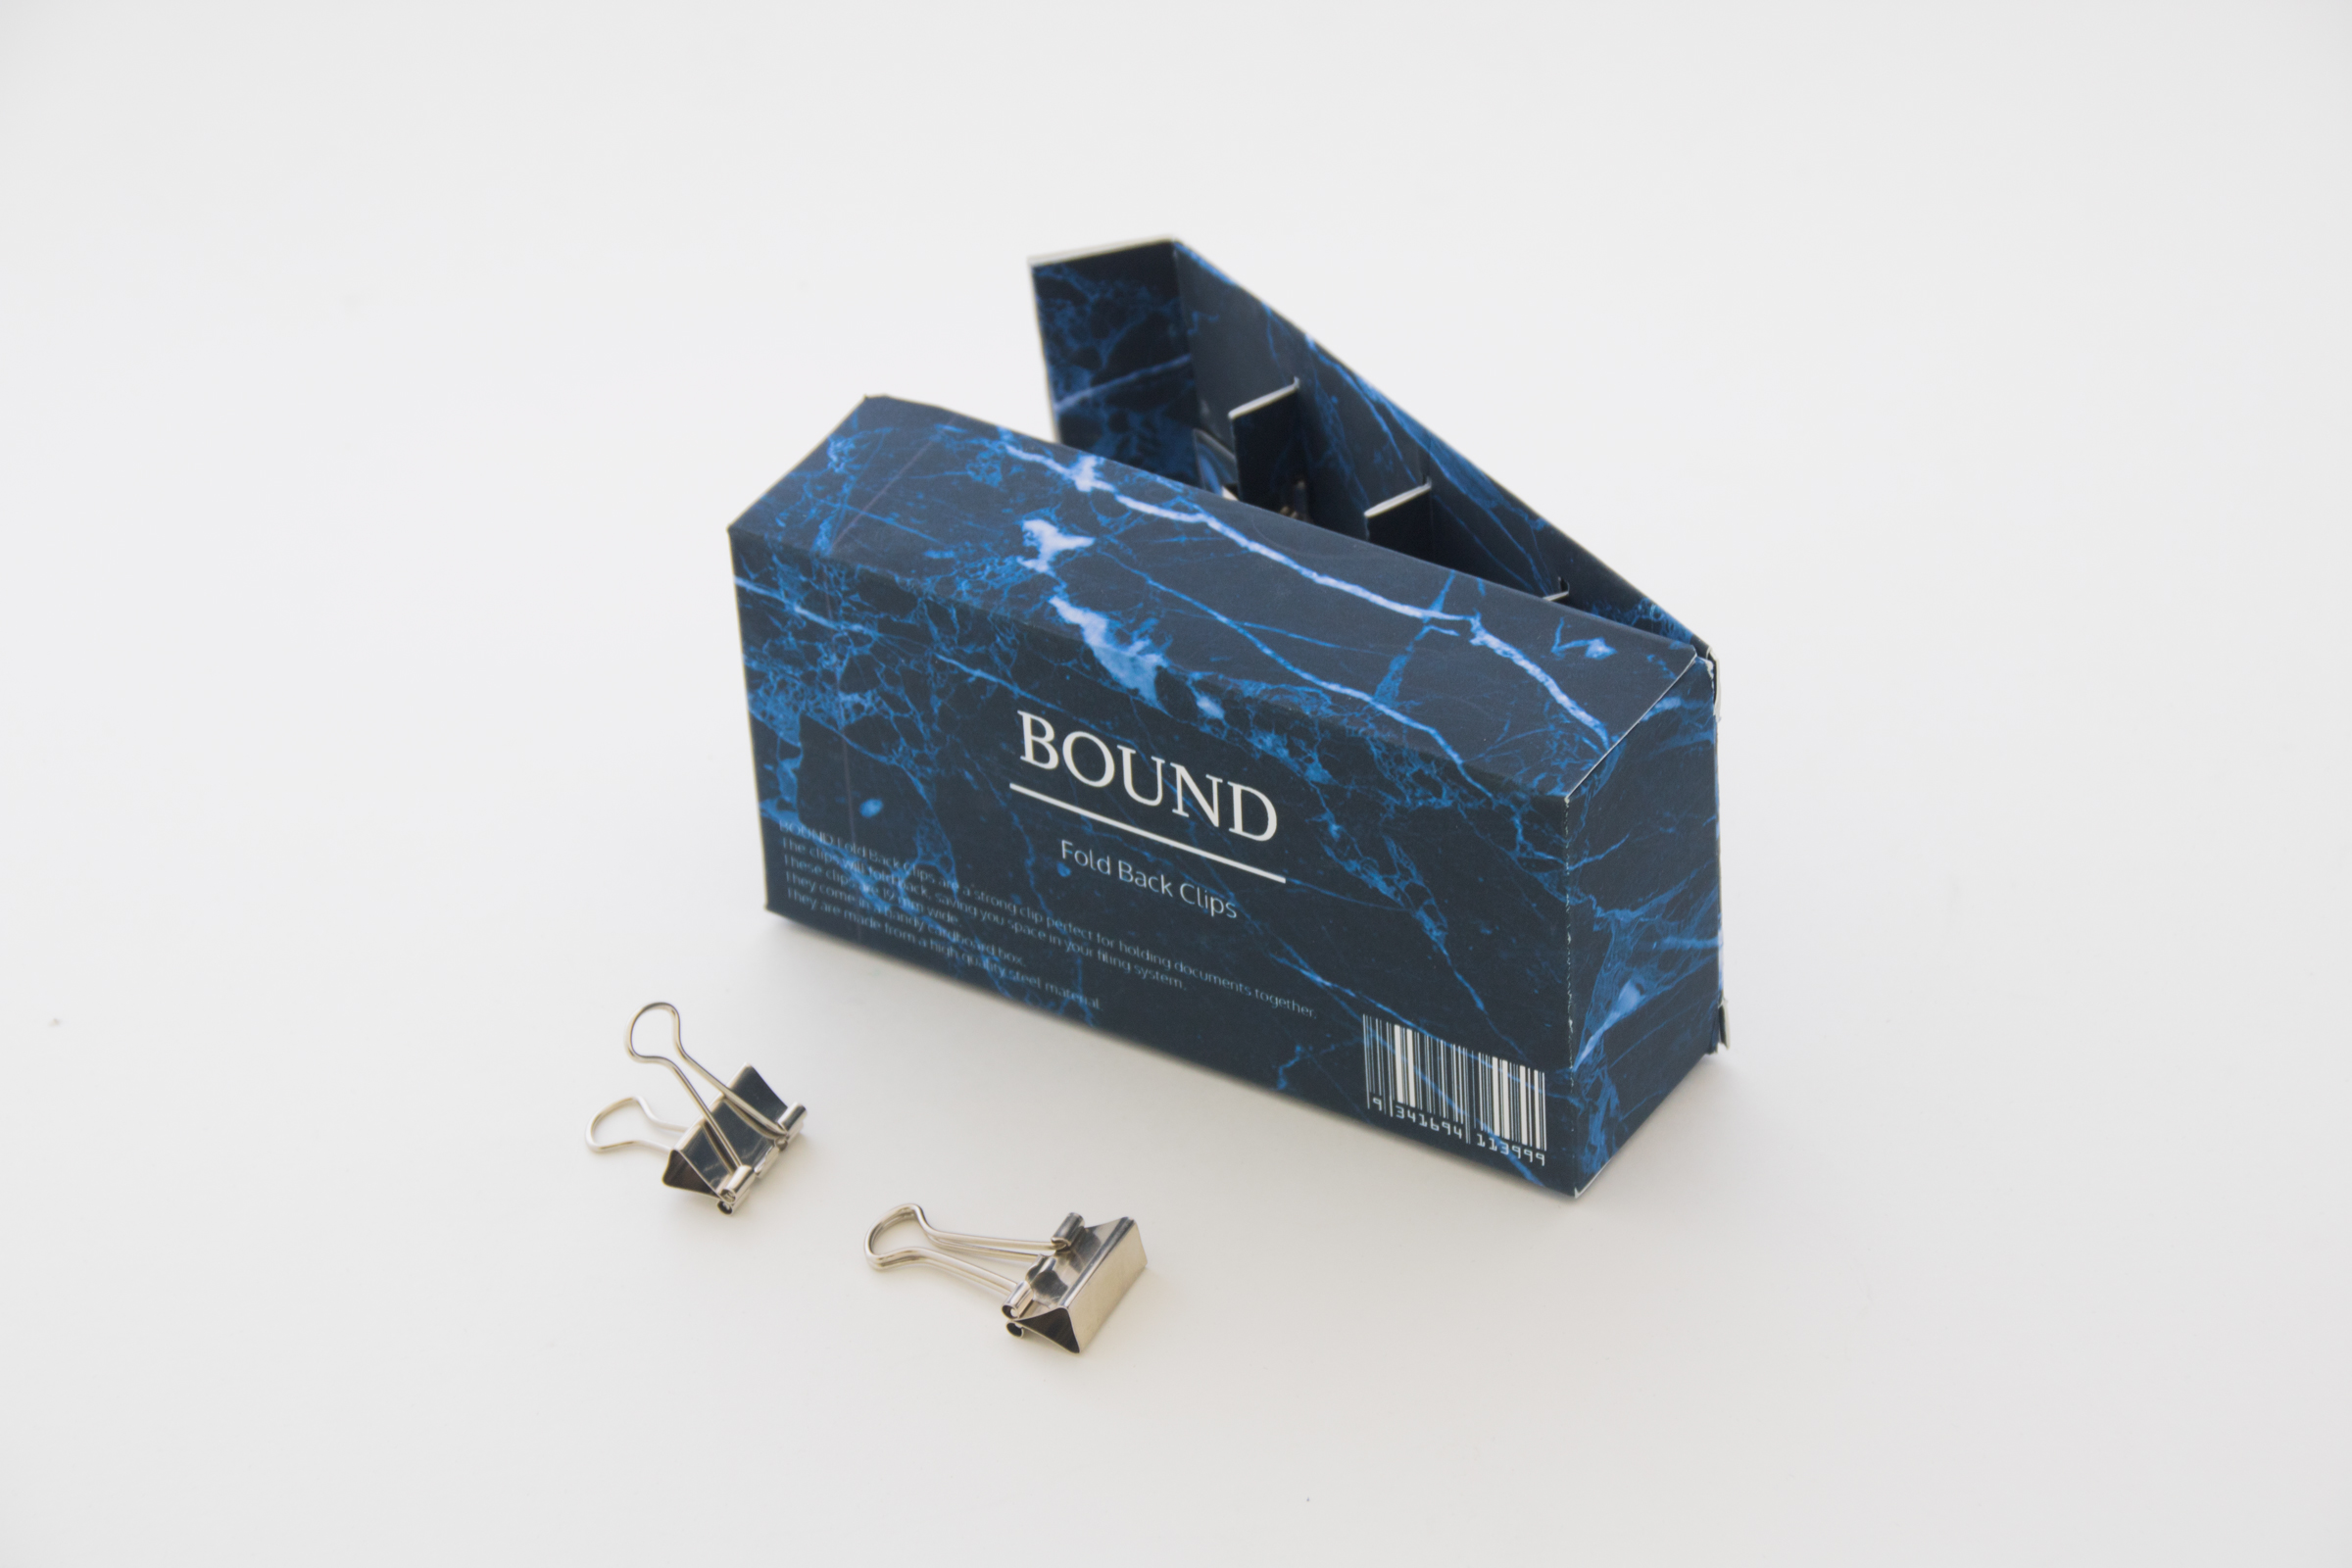 Bound Foldback Clips Back